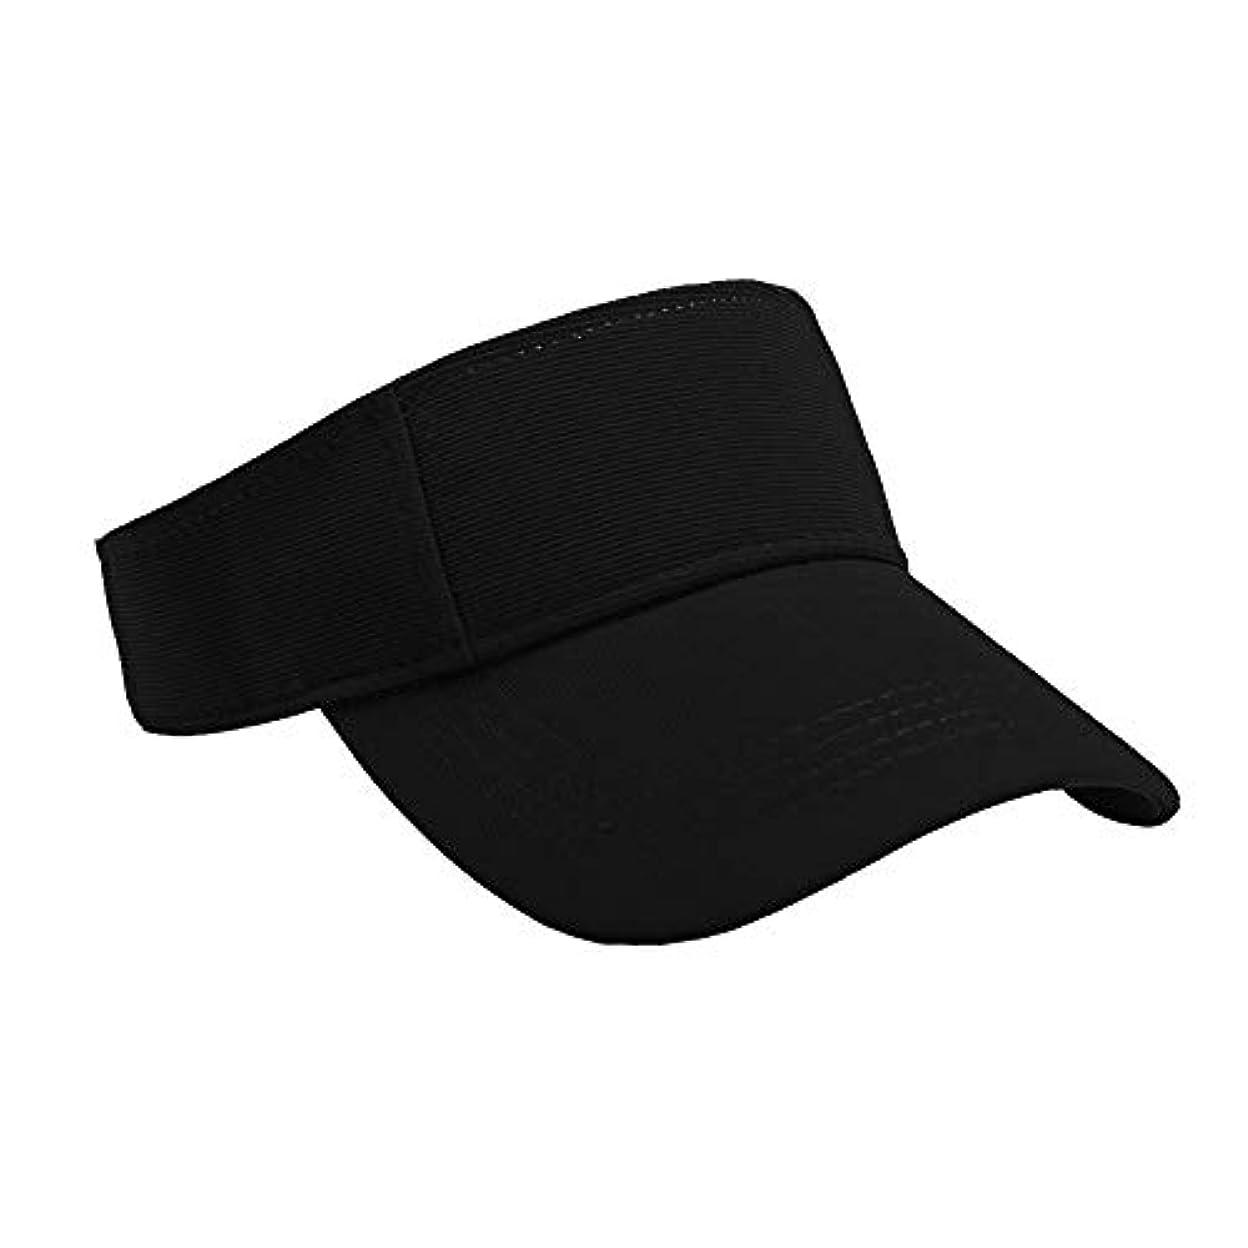 アイロニーピストン委員長Merssavo ユニセックスサマースポーツキャップ、サン帽子レディーステニスゴルフバイザーメッシュ野球帽、調節可能な屋外オープントップヘッドトラベルハイキング帽子、黒